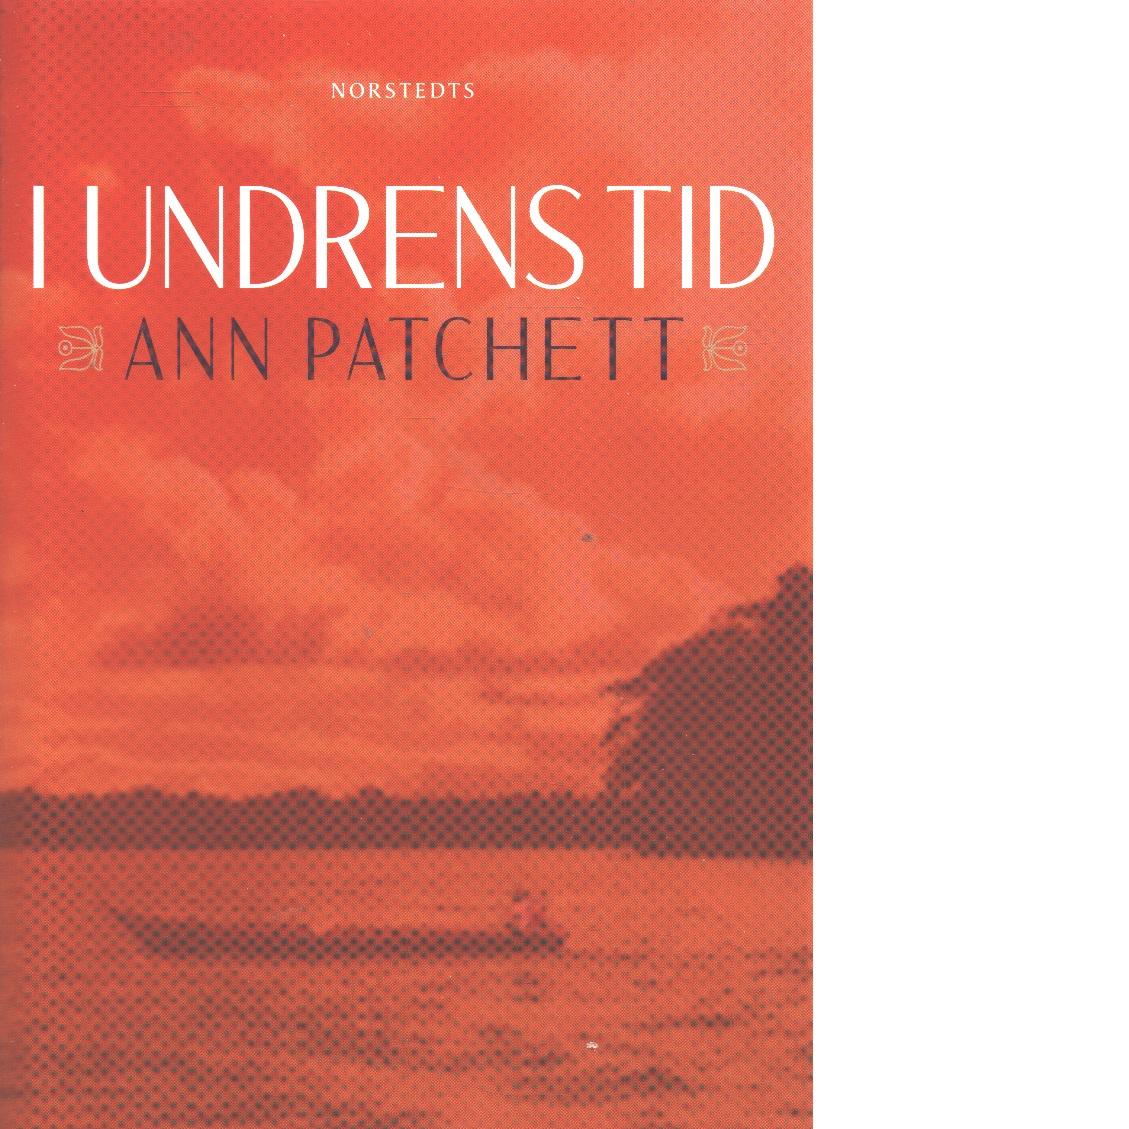 I undrens tid - Patchett, Ann